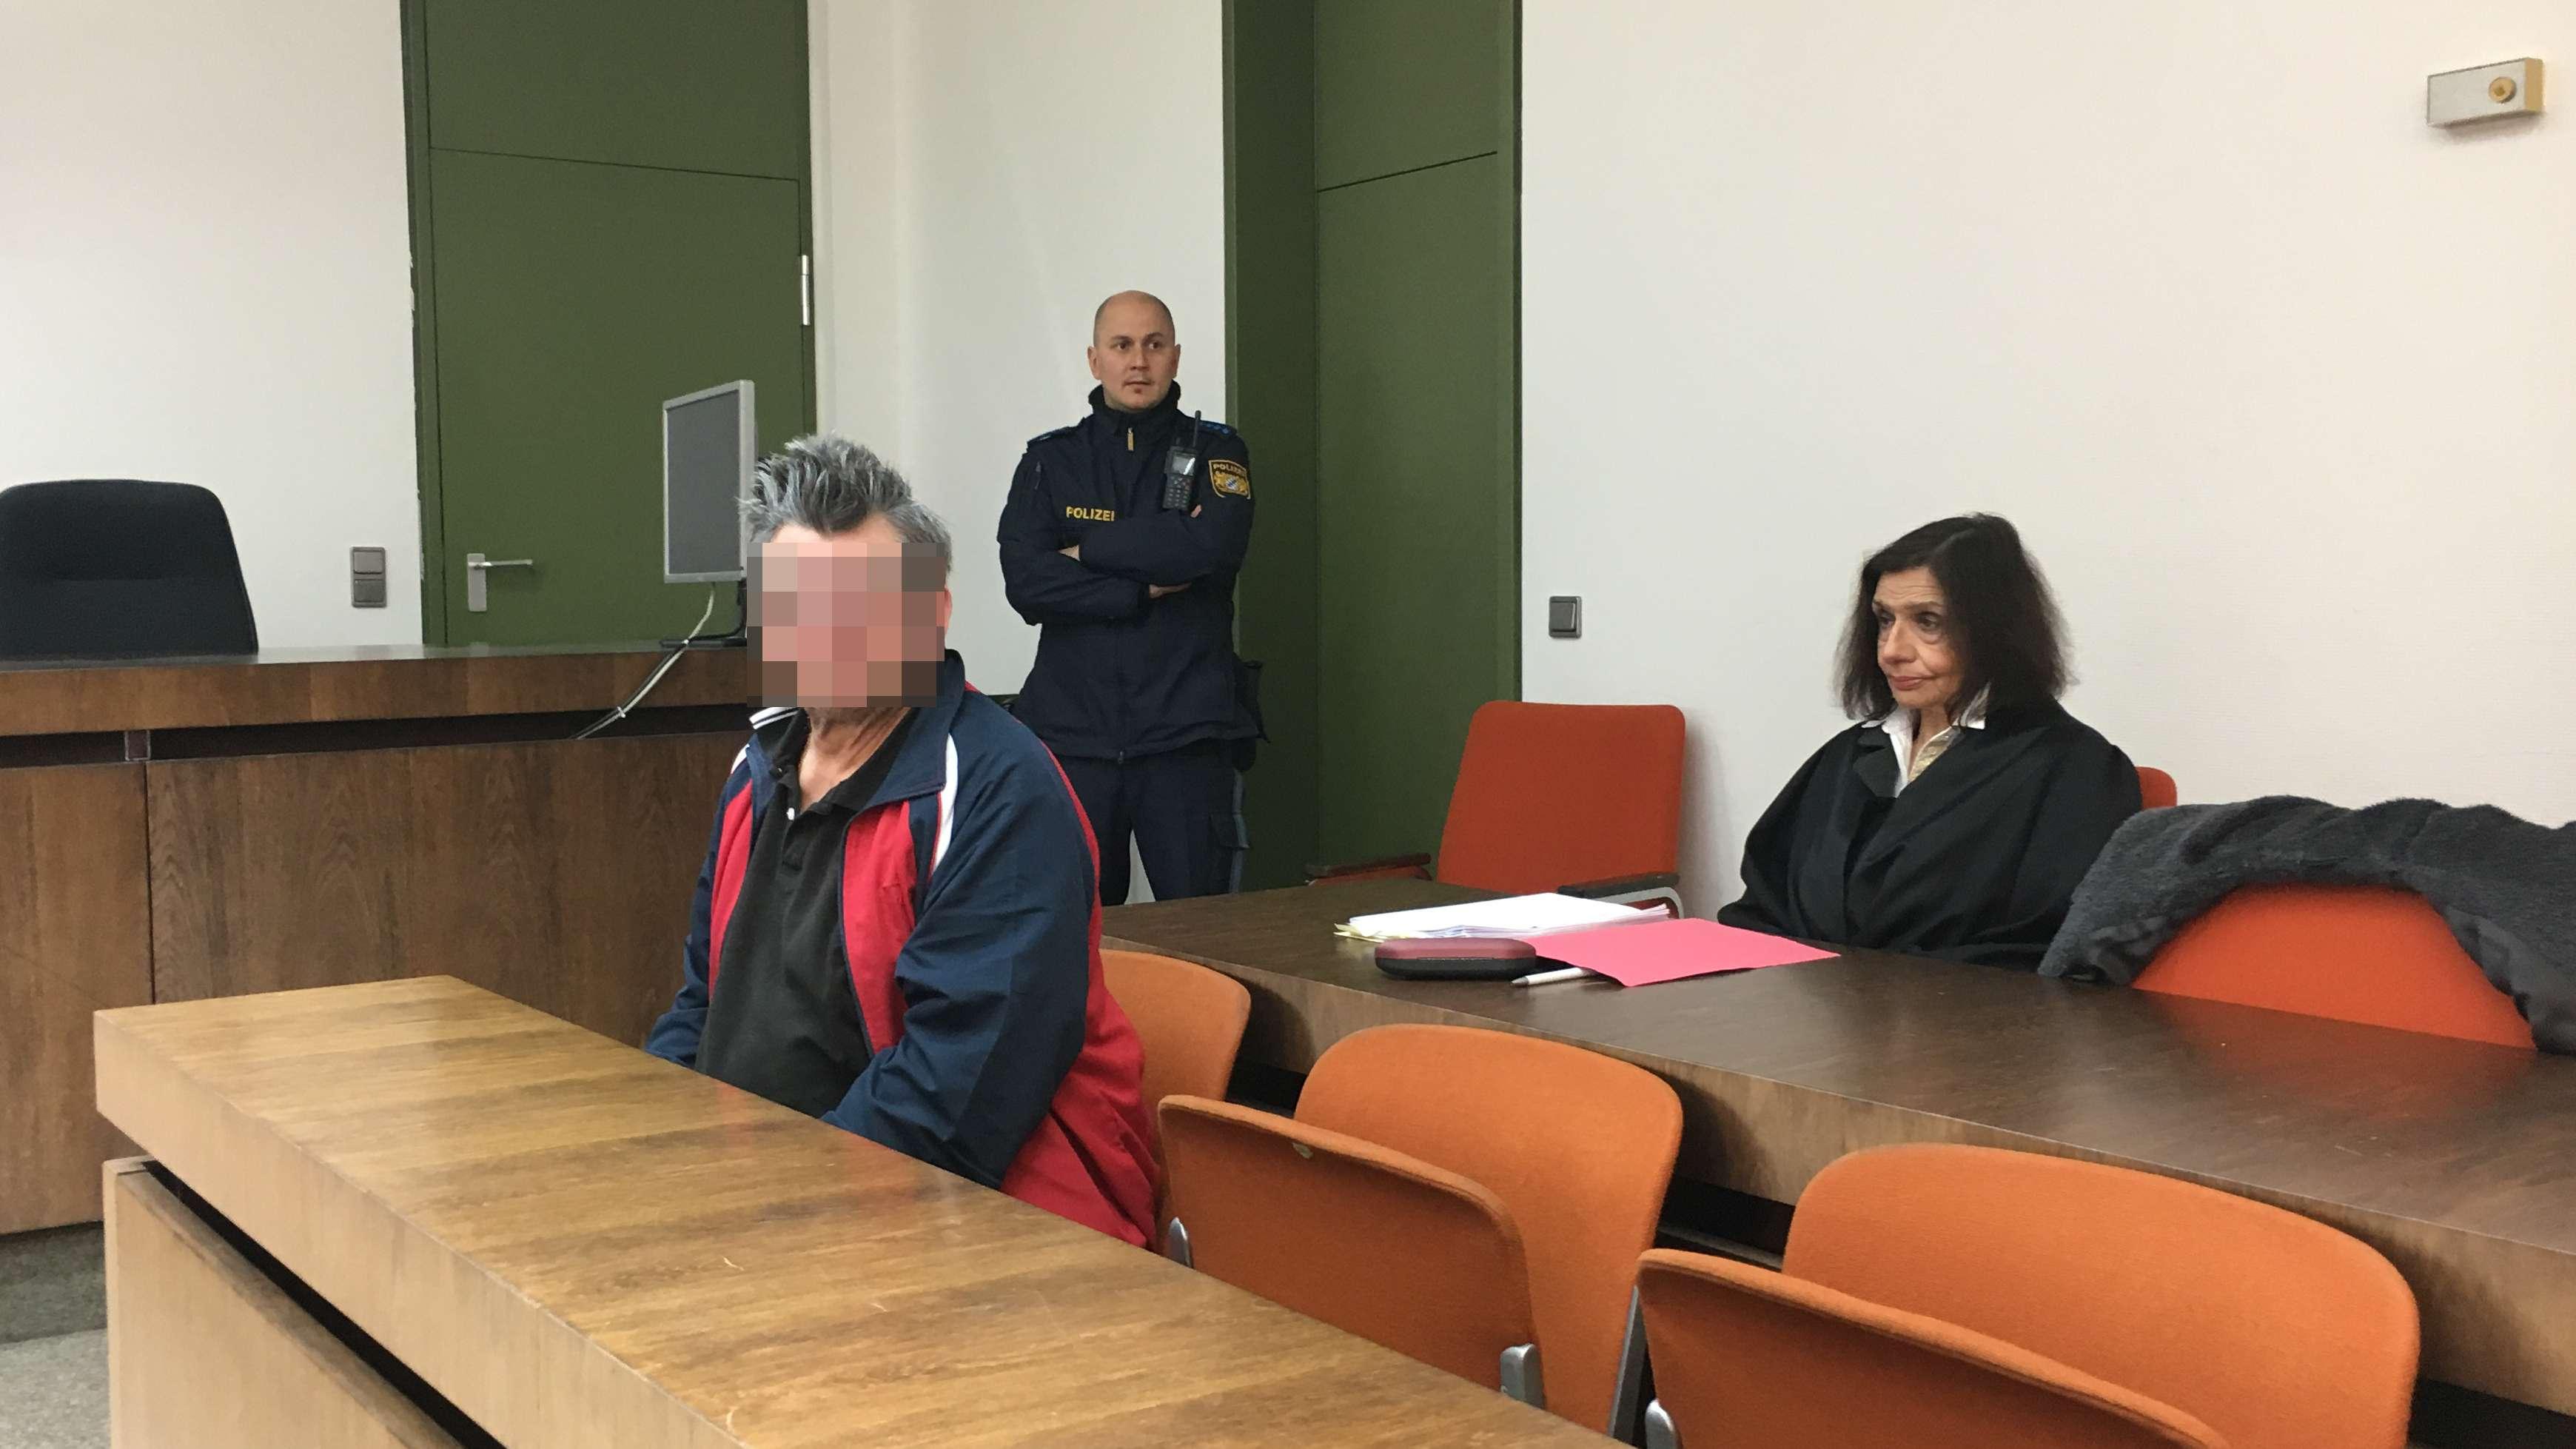 Der Verurteilte mit seiner Anwältin im Gericht